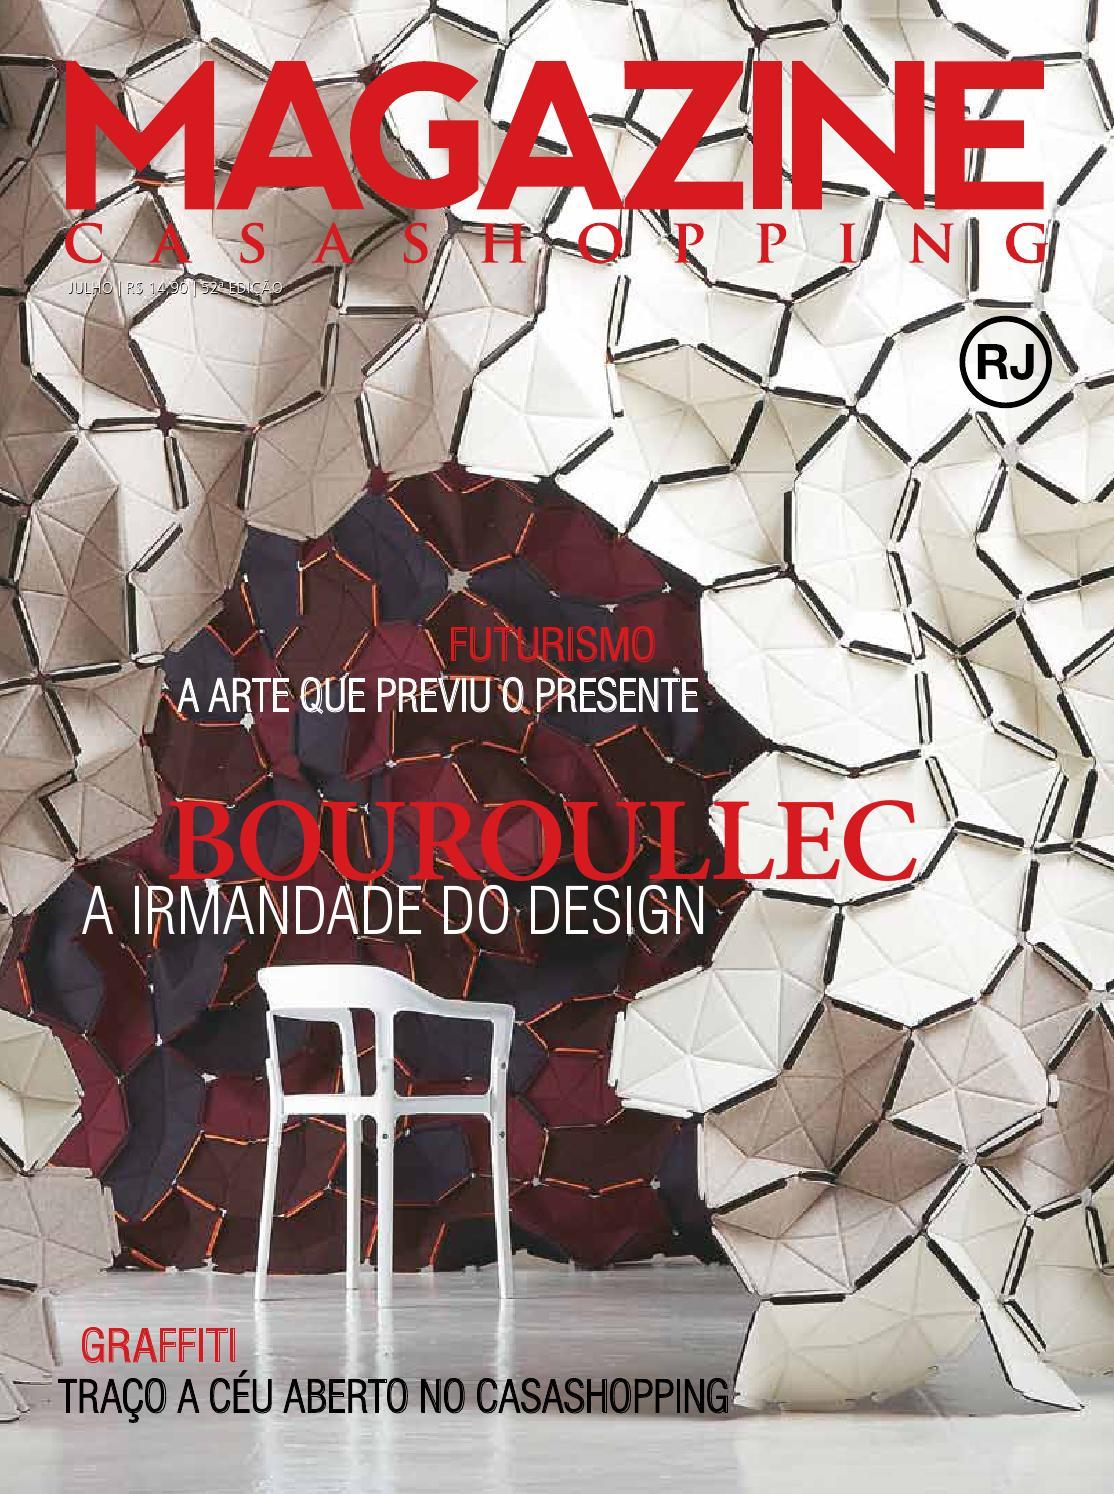 9bad8af6dc1c4 3R Studio - CasaShopping Magazine 52 by 3R Studio - issuu